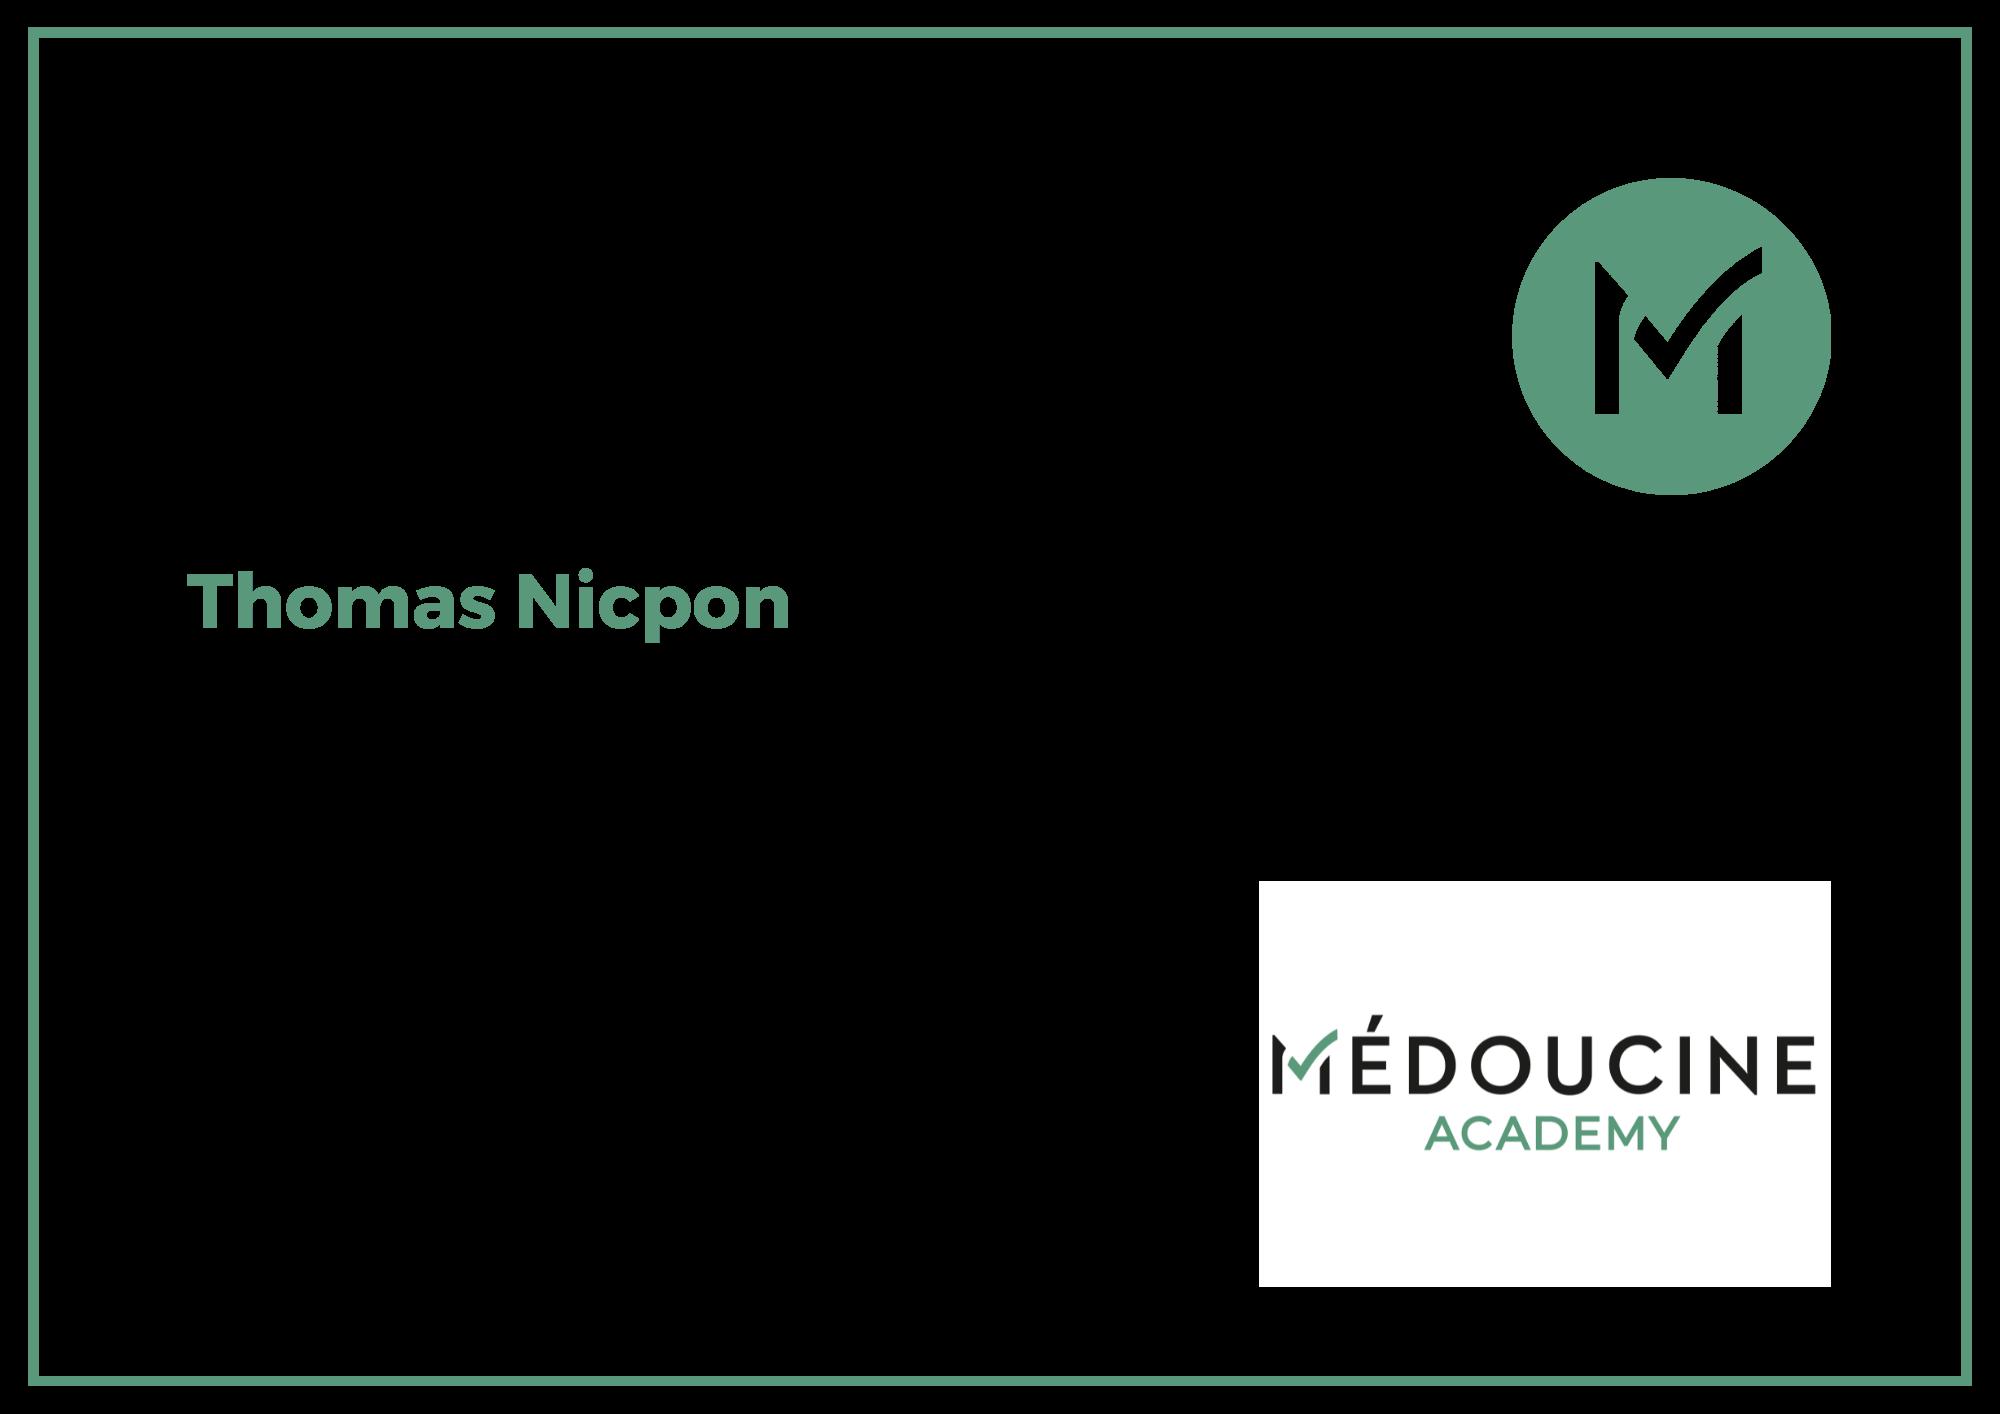 NOLWENN_ACADEMY_Certificat Medoucine Academy